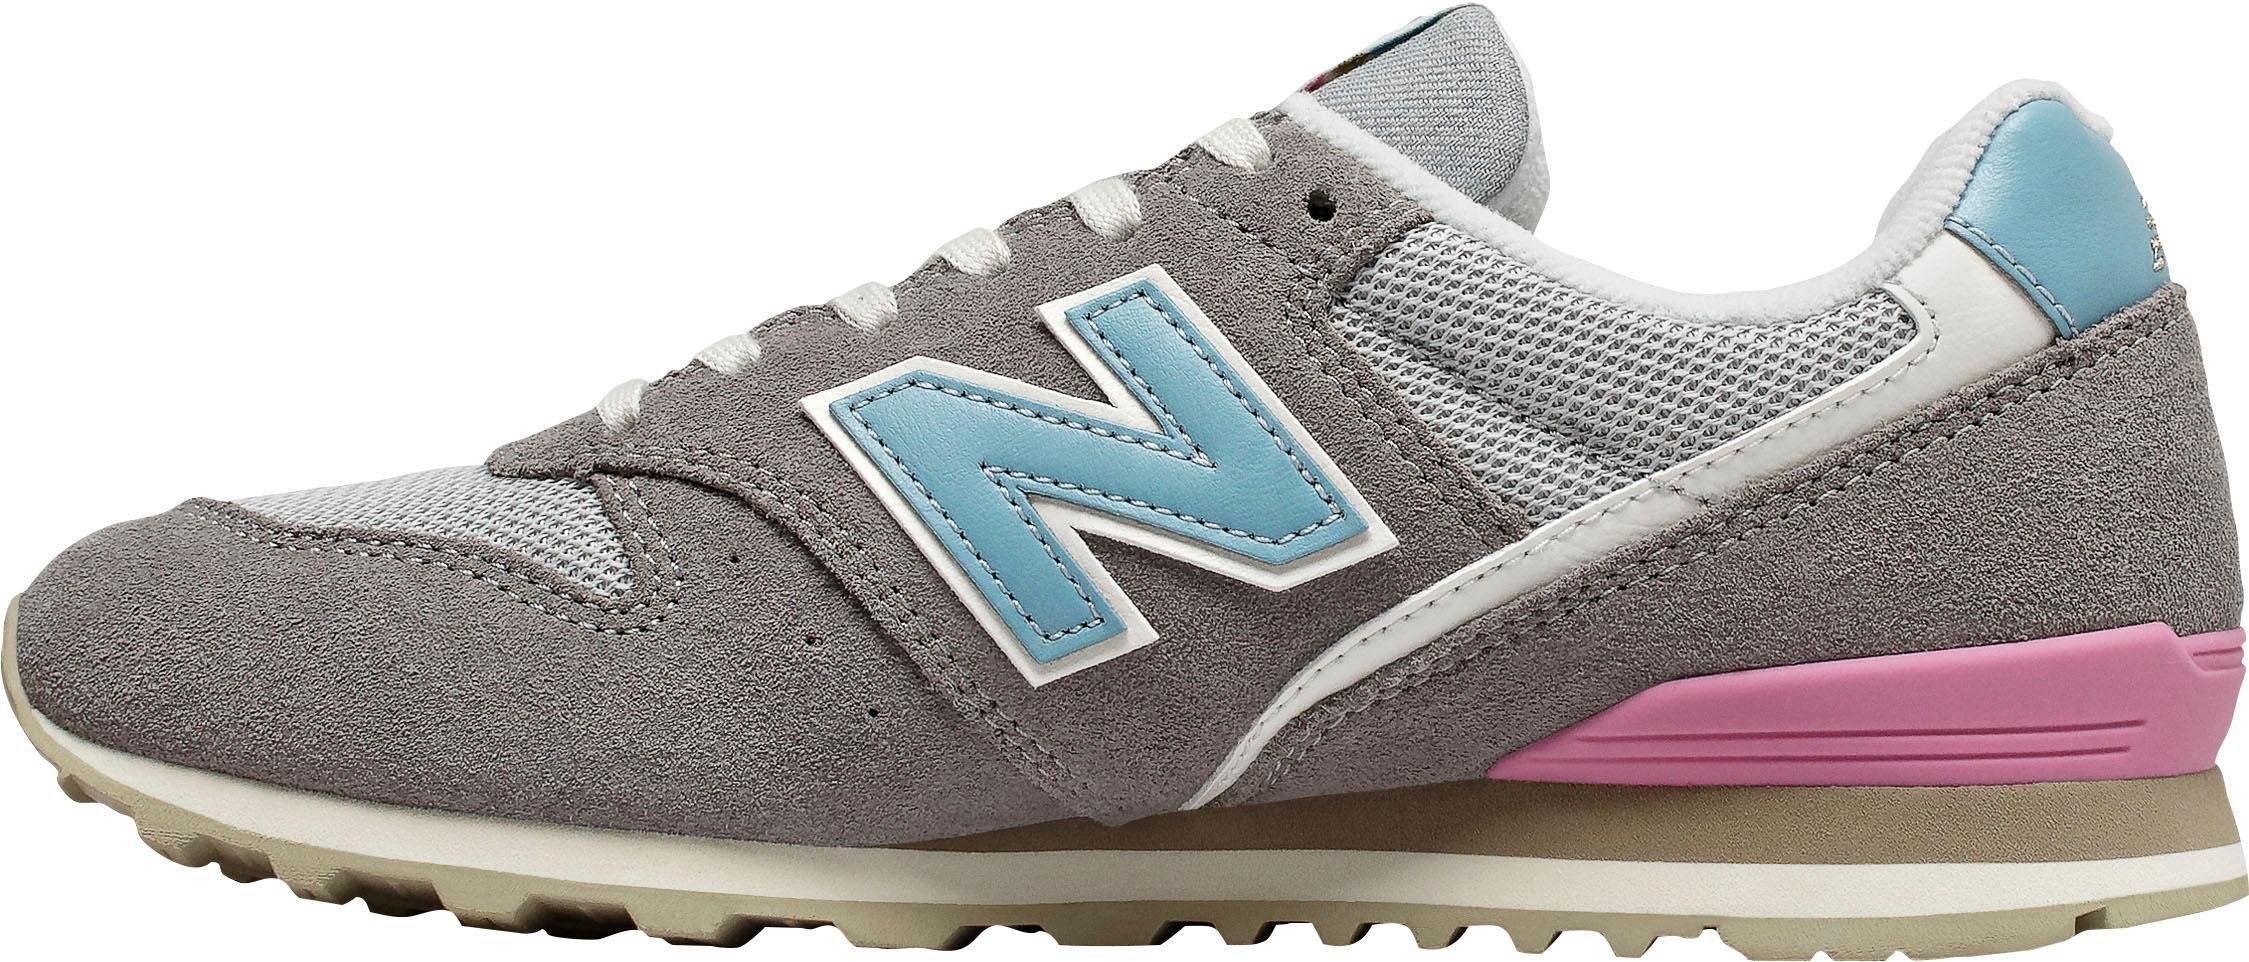 new balance sneakers »WL 996« goedkoop op otto.nl kopen